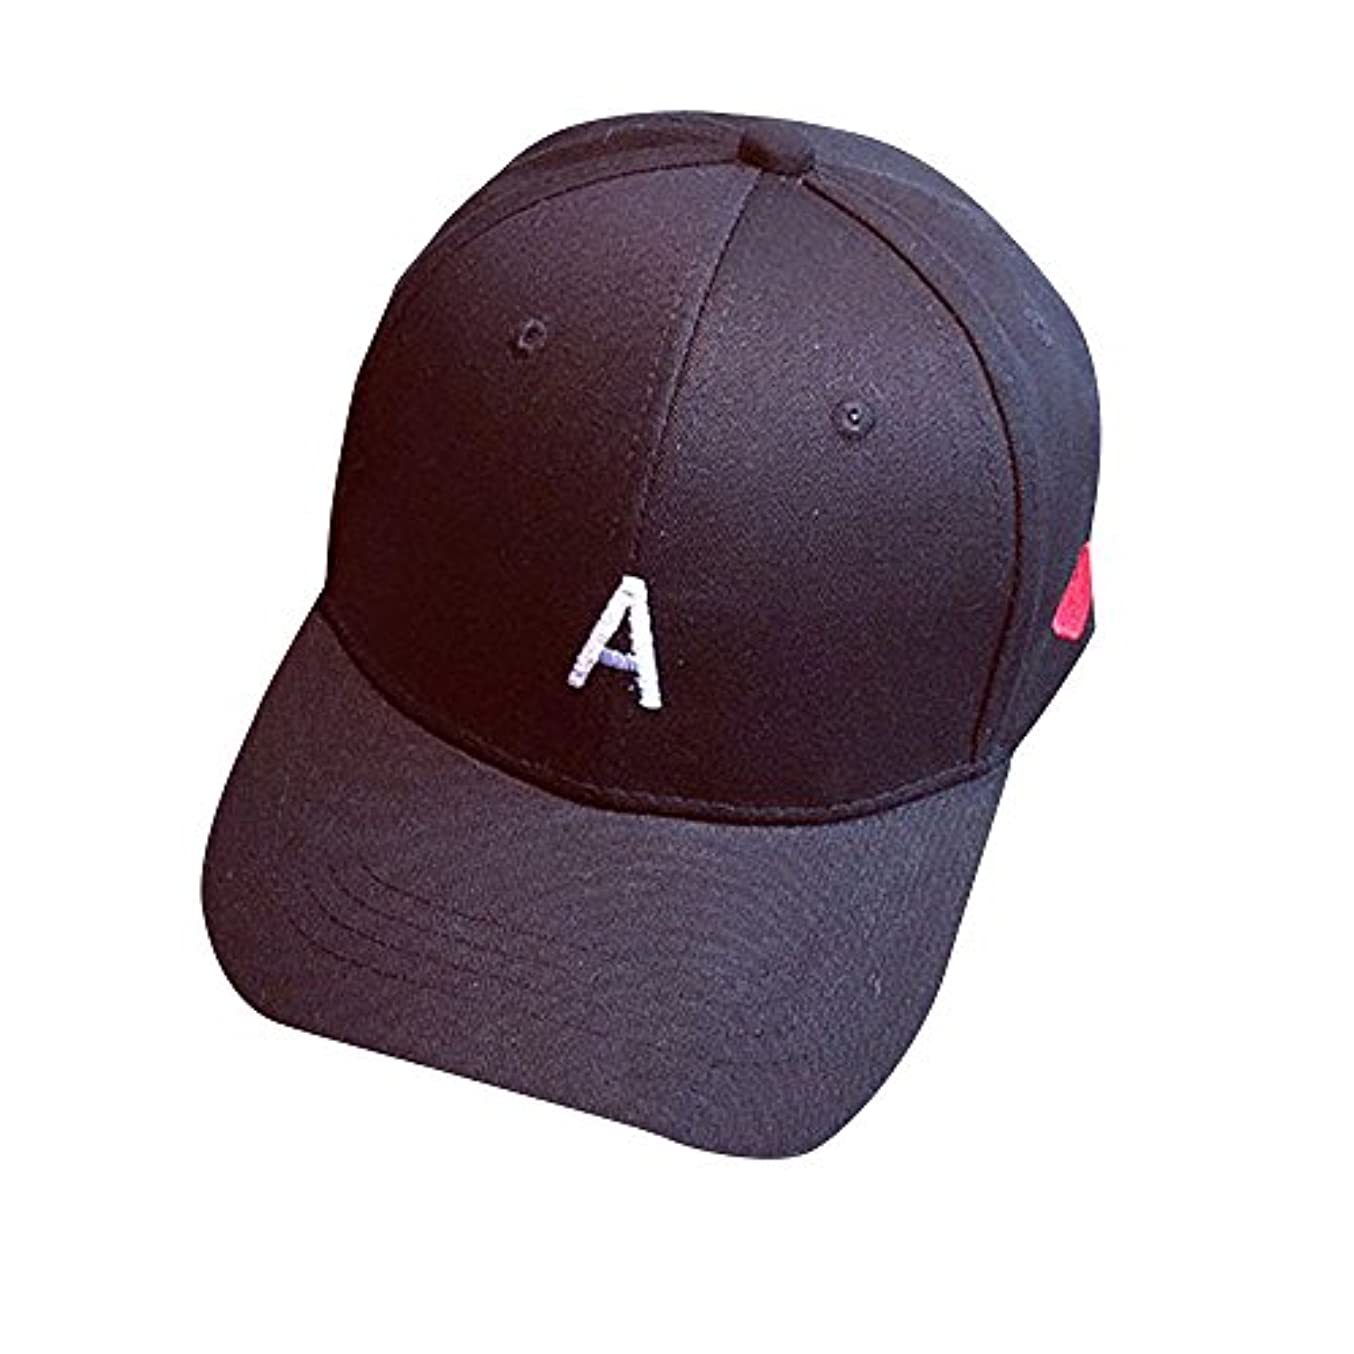 簡単にフリースジャムRacazing Cap 文字刺繍 野球帽 無地 キャップ 夏 登山 通気性のある 帽子 ベルクロ 可調整可能 ヒップホップ 棒球帽 UV 帽子 軽量 屋外 Unisex Hat (黒)